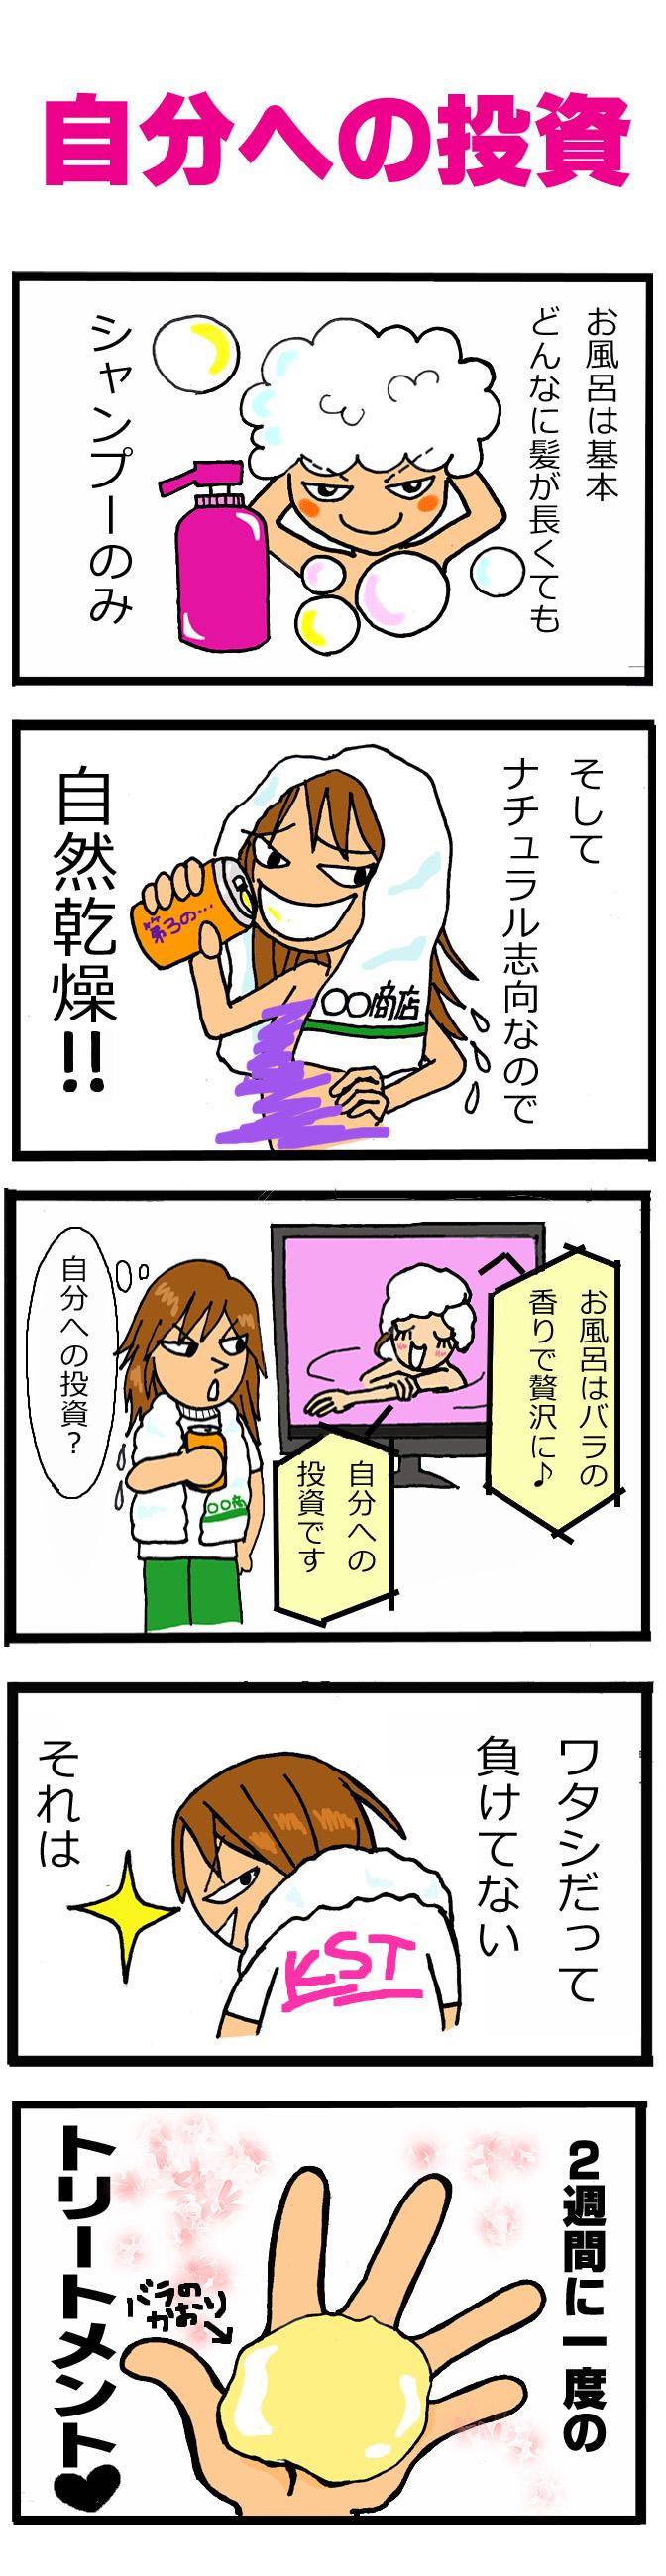 イケてしまい過ぎる女子達へ「自分への投資」作:兼山和子